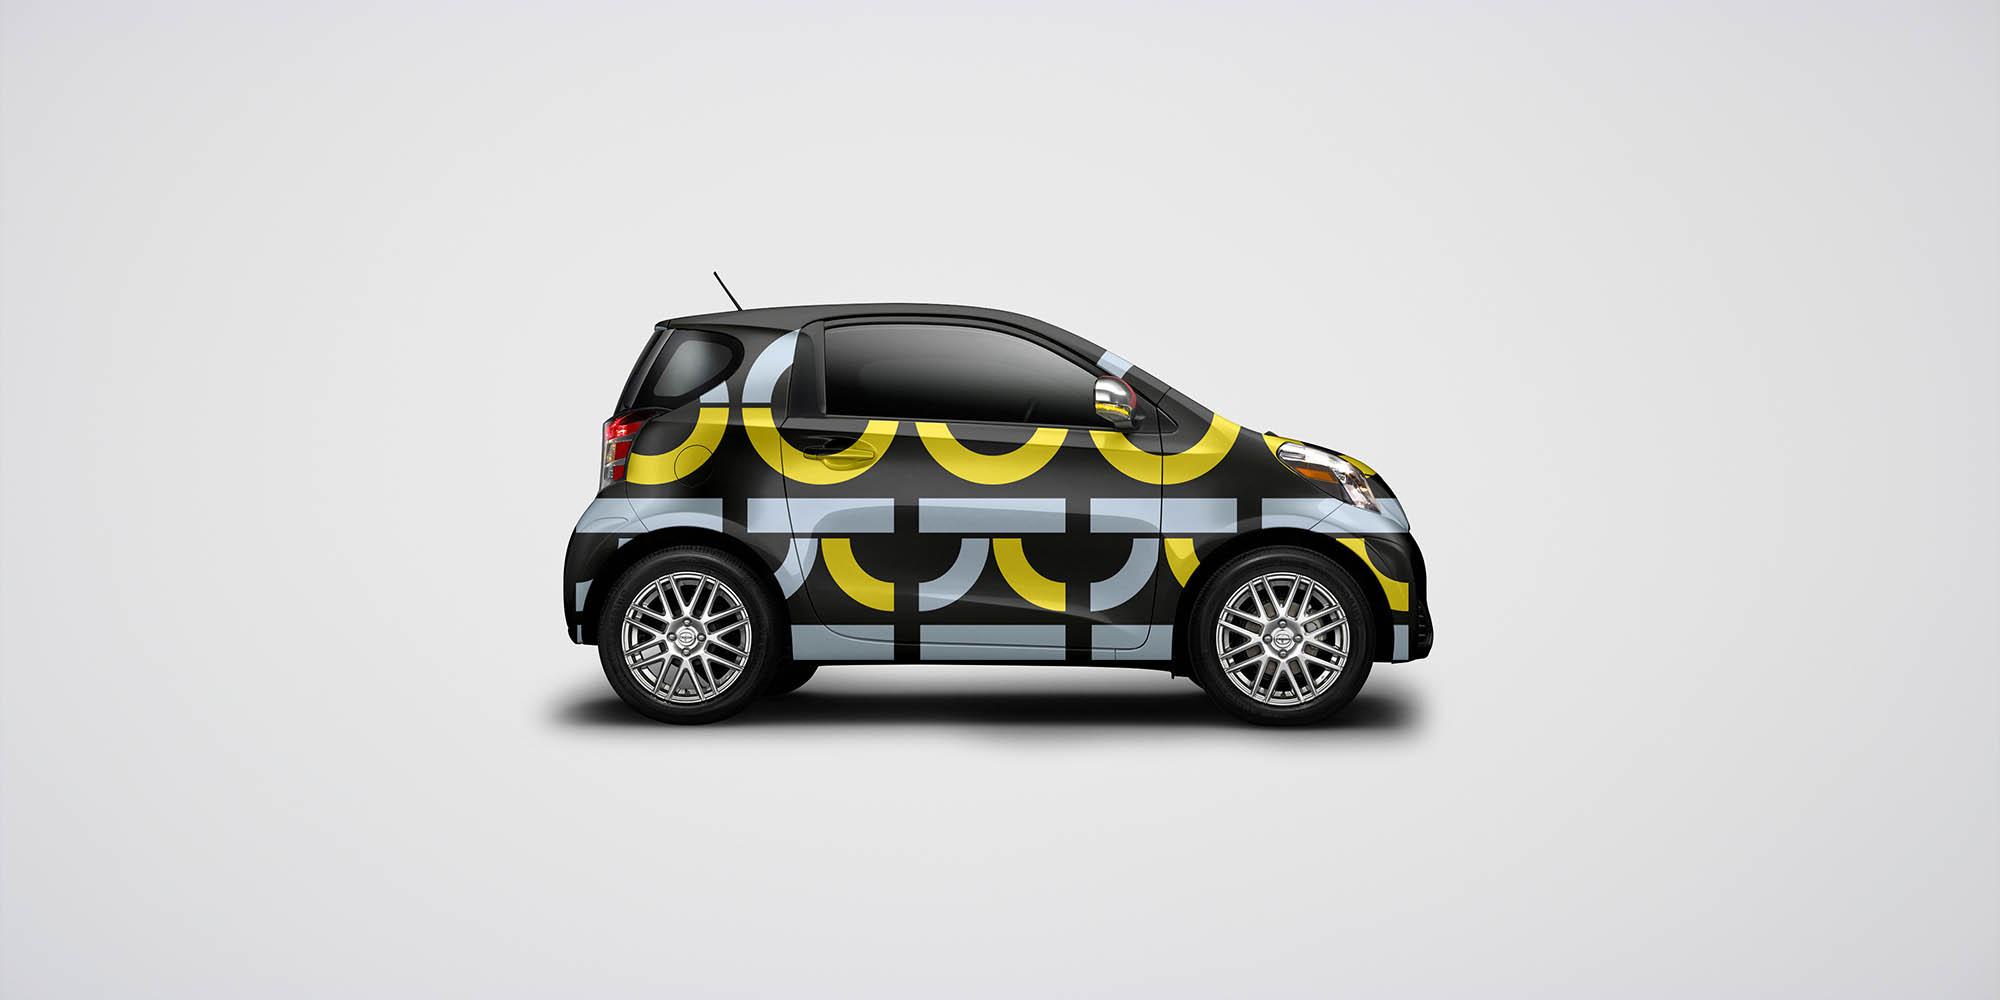 OKI car